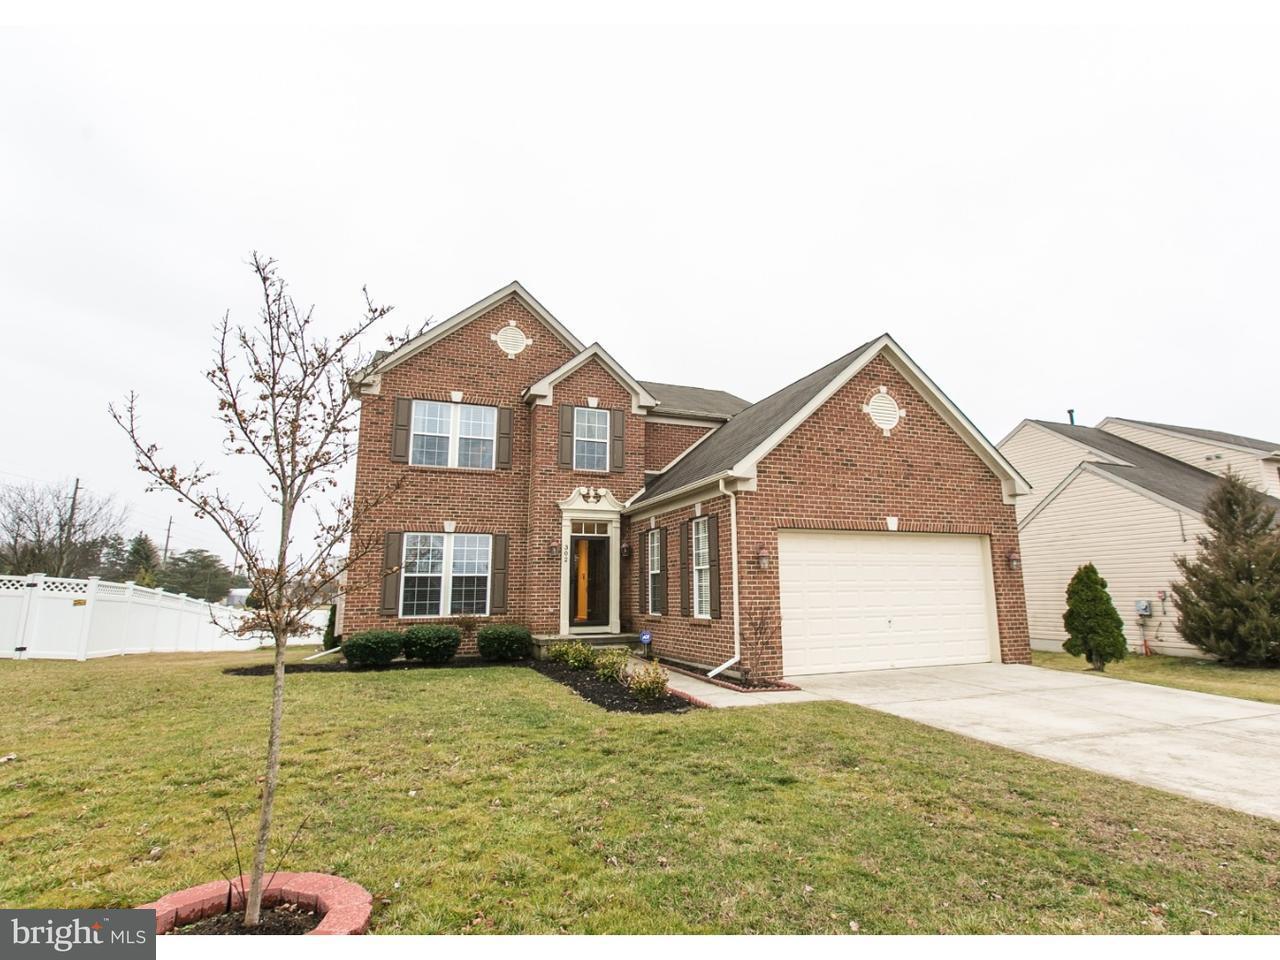 独户住宅 为 销售 在 302 W CROSSING Drive Mount Royal, 新泽西州 08061 美国